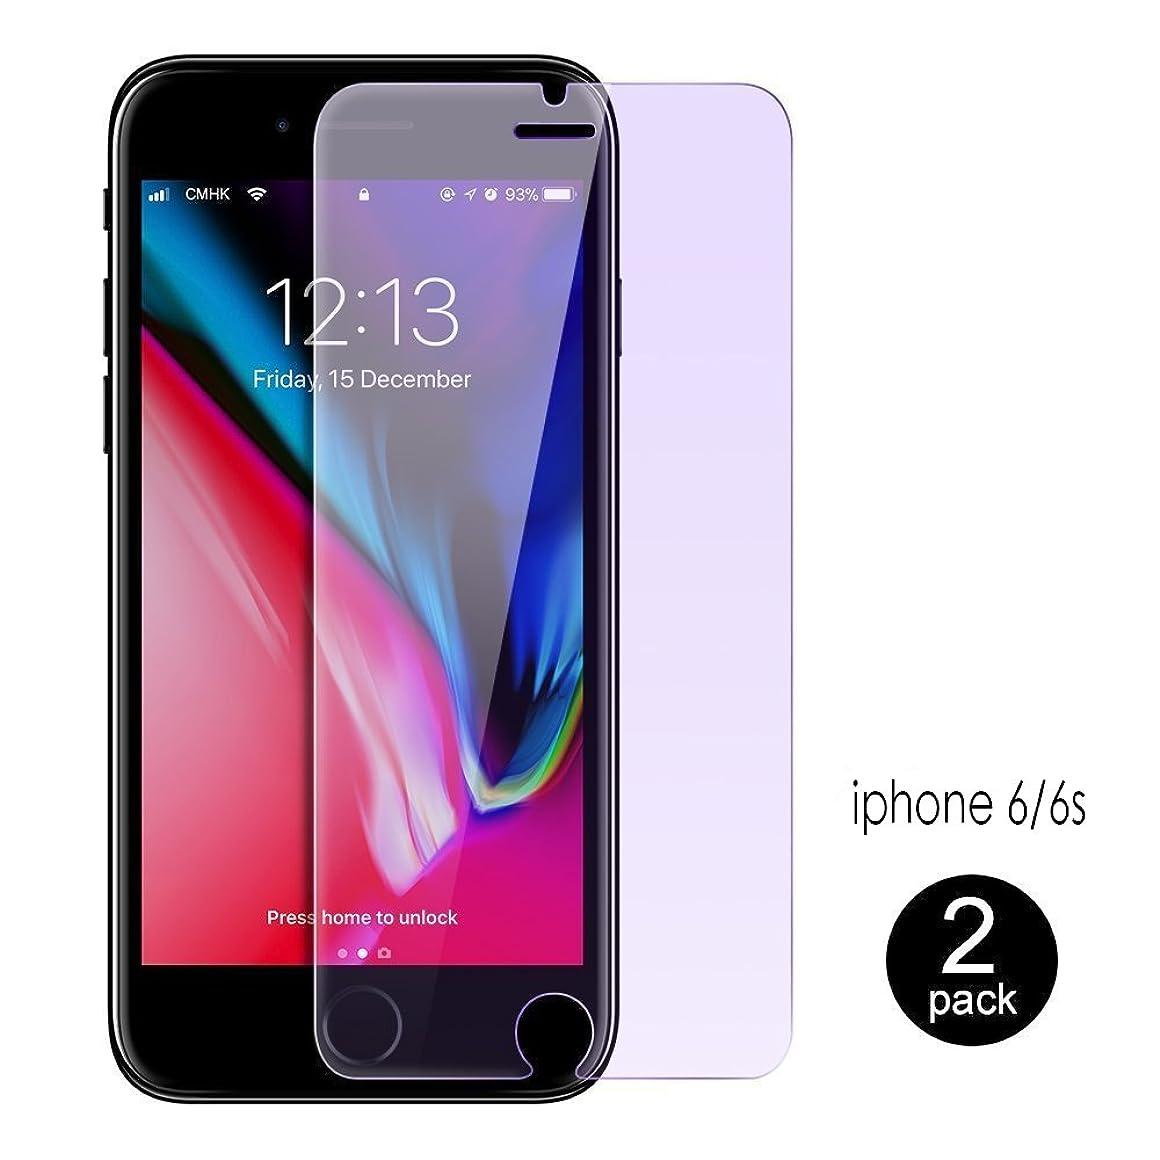 屈辱する破壊クリックiphone 6/6s ブルーライトカット ガラス フィルム iPhone 8 / iPhone 7 / 6s / 6 液晶保護フィルム強化ガラスフイルム